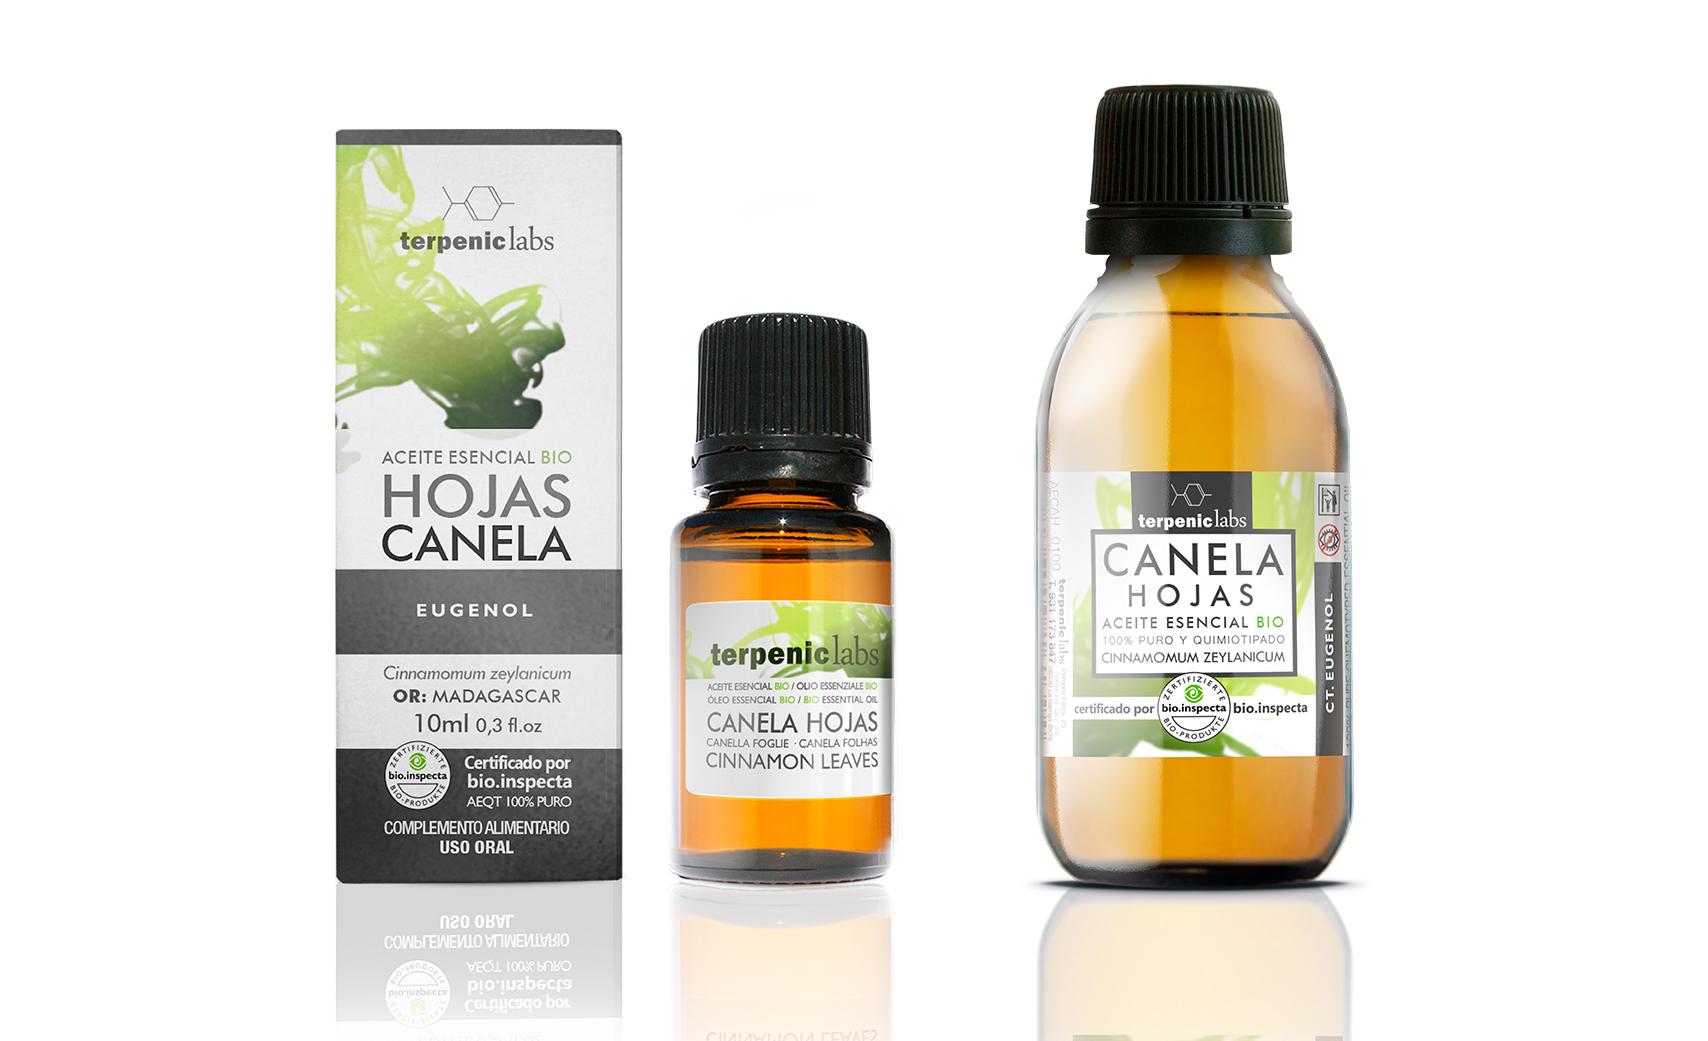 Canela hojas - Aceite Esencial